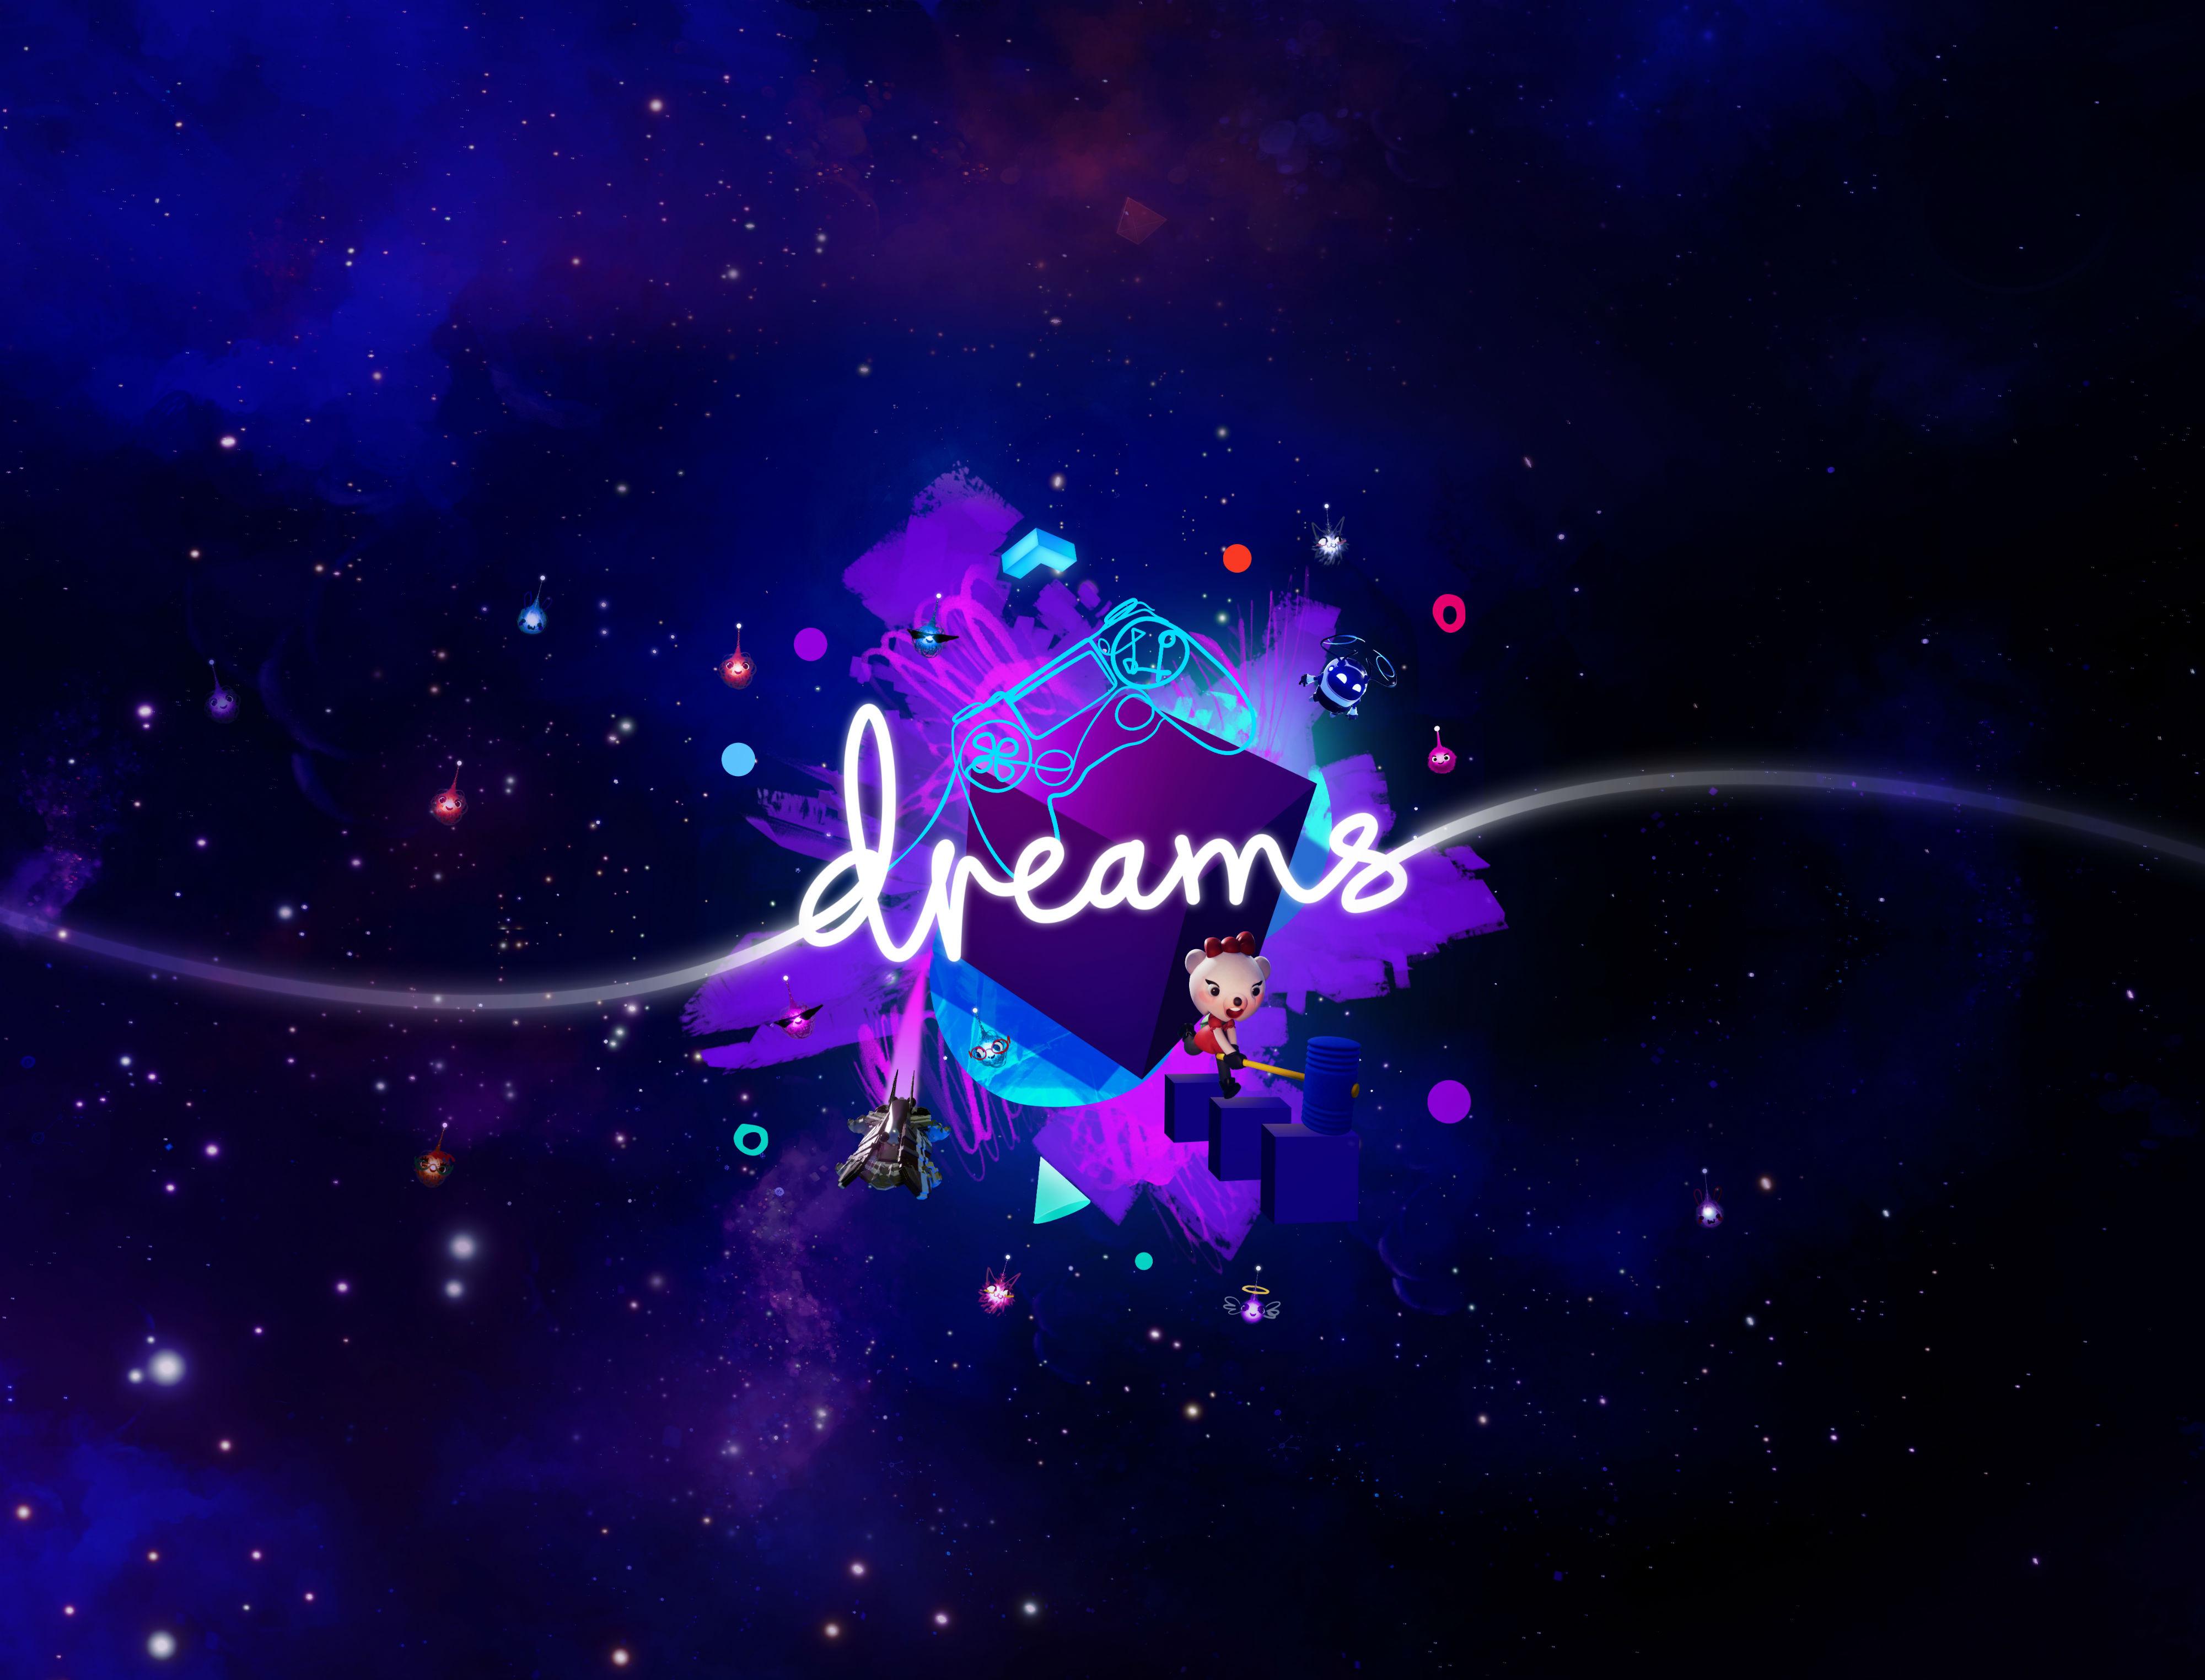 """""""Dreams"""" für PS4: Viel, das Spiel"""